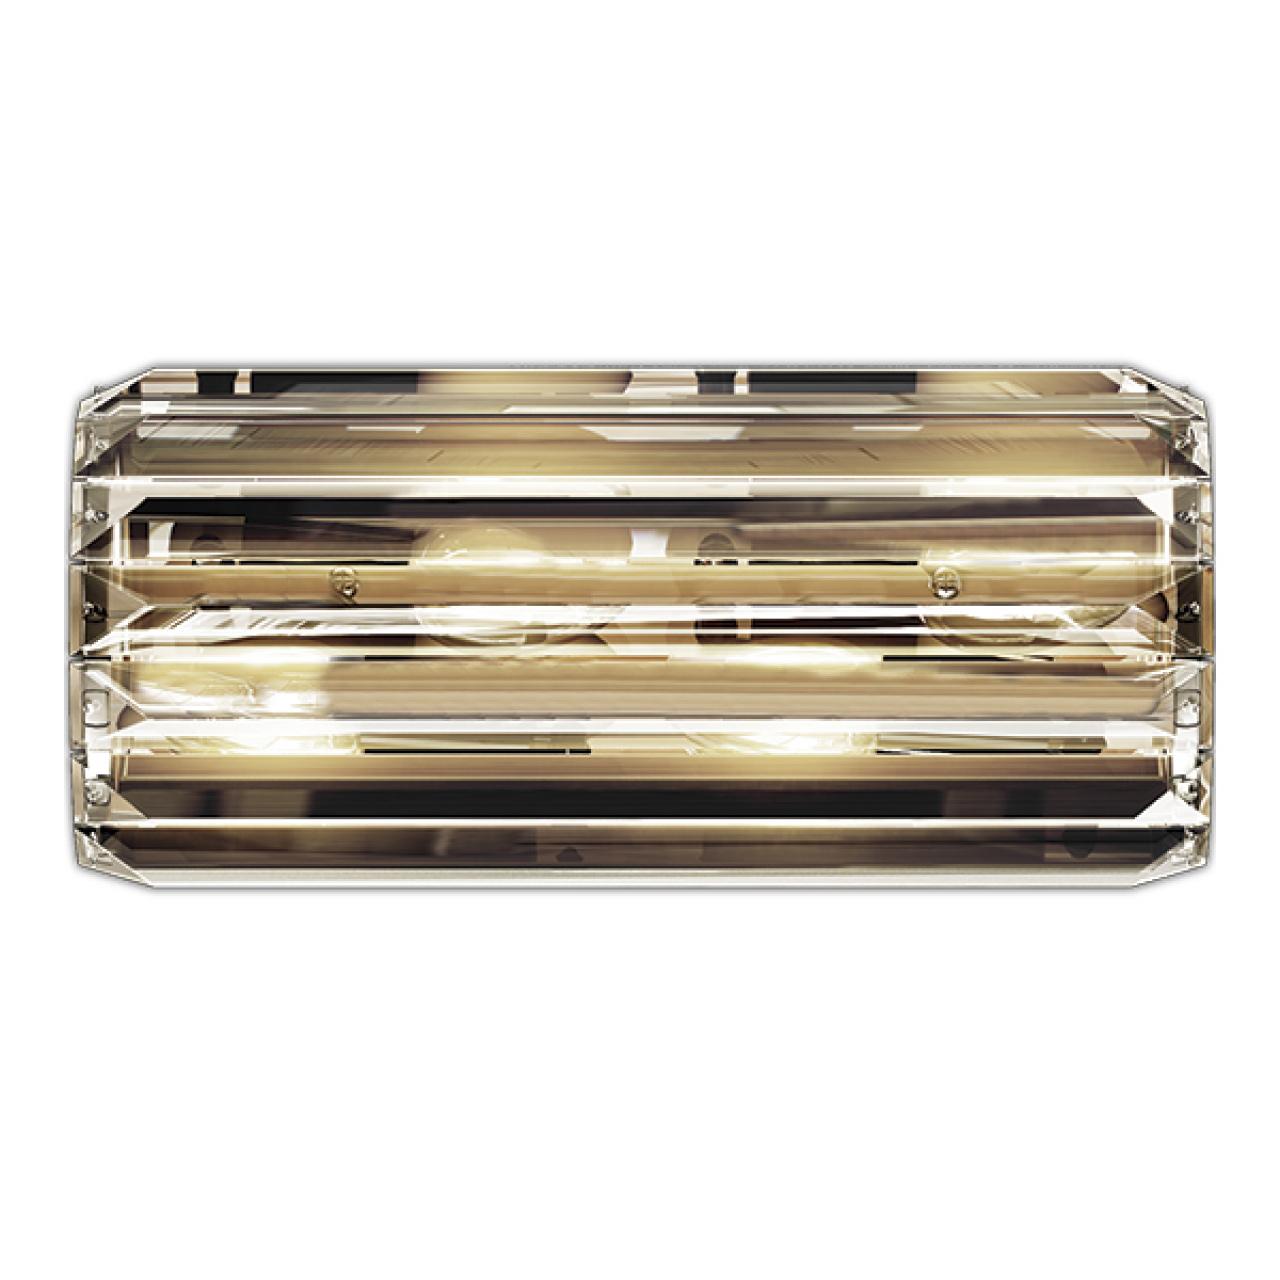 Бра Limpio 6х20W G9 черный хром / прозрачный Osgona 722660